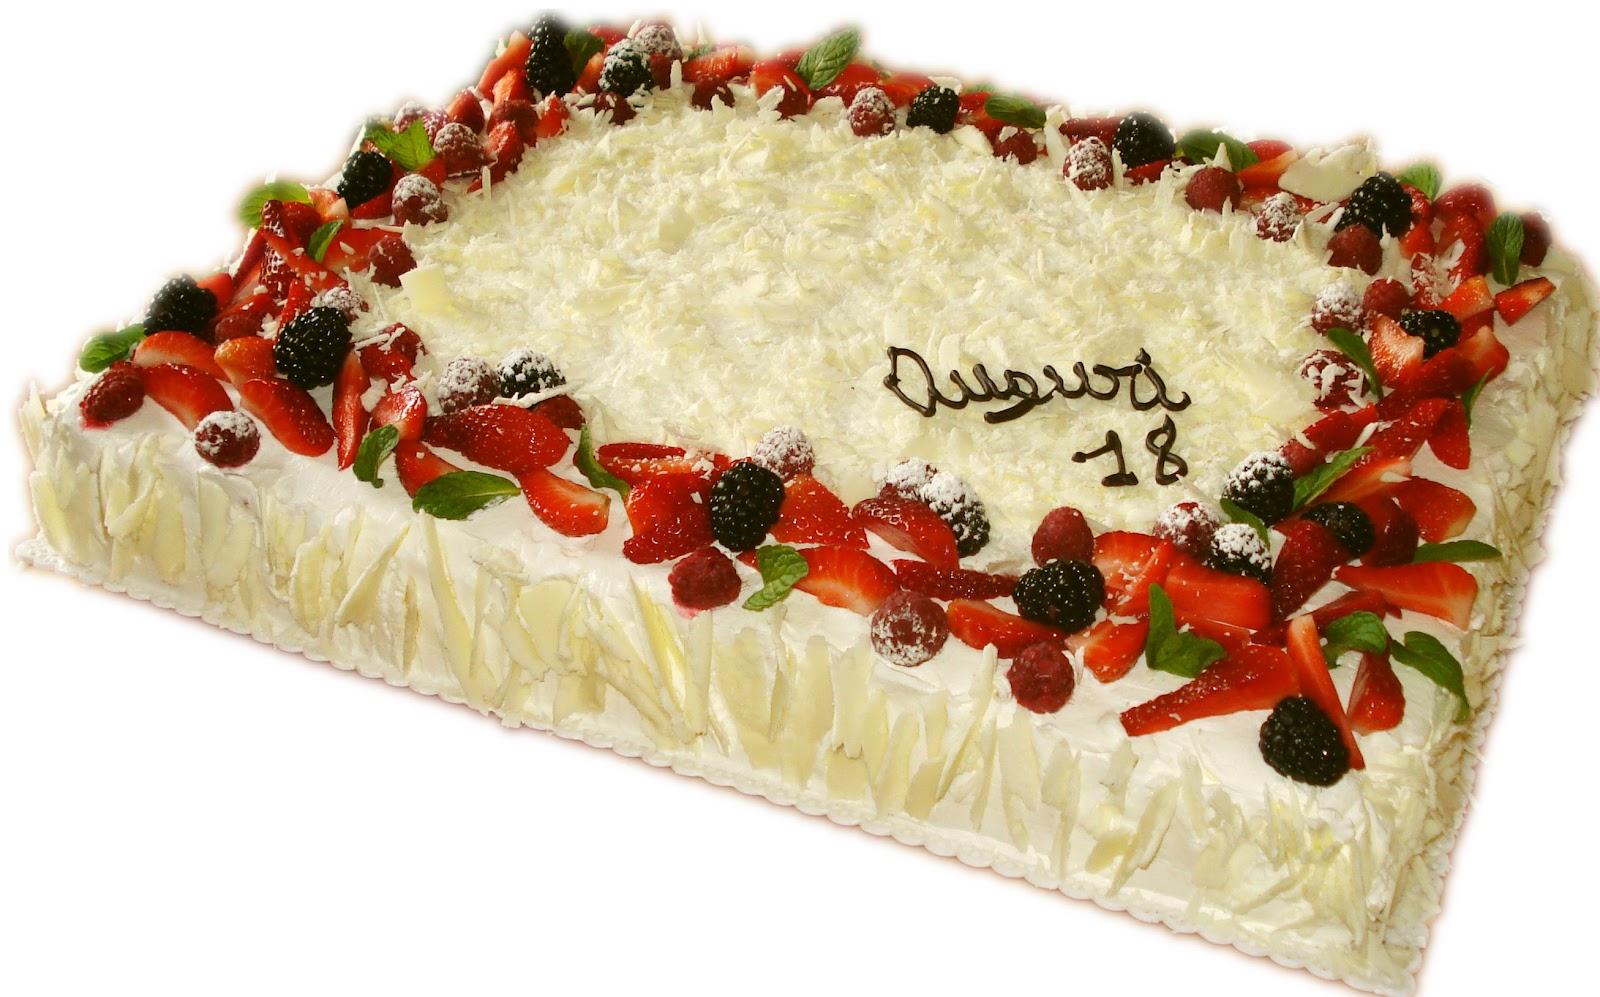 Torte decorate con panna coolsugarcake for Decorazioni torte uomo con panna